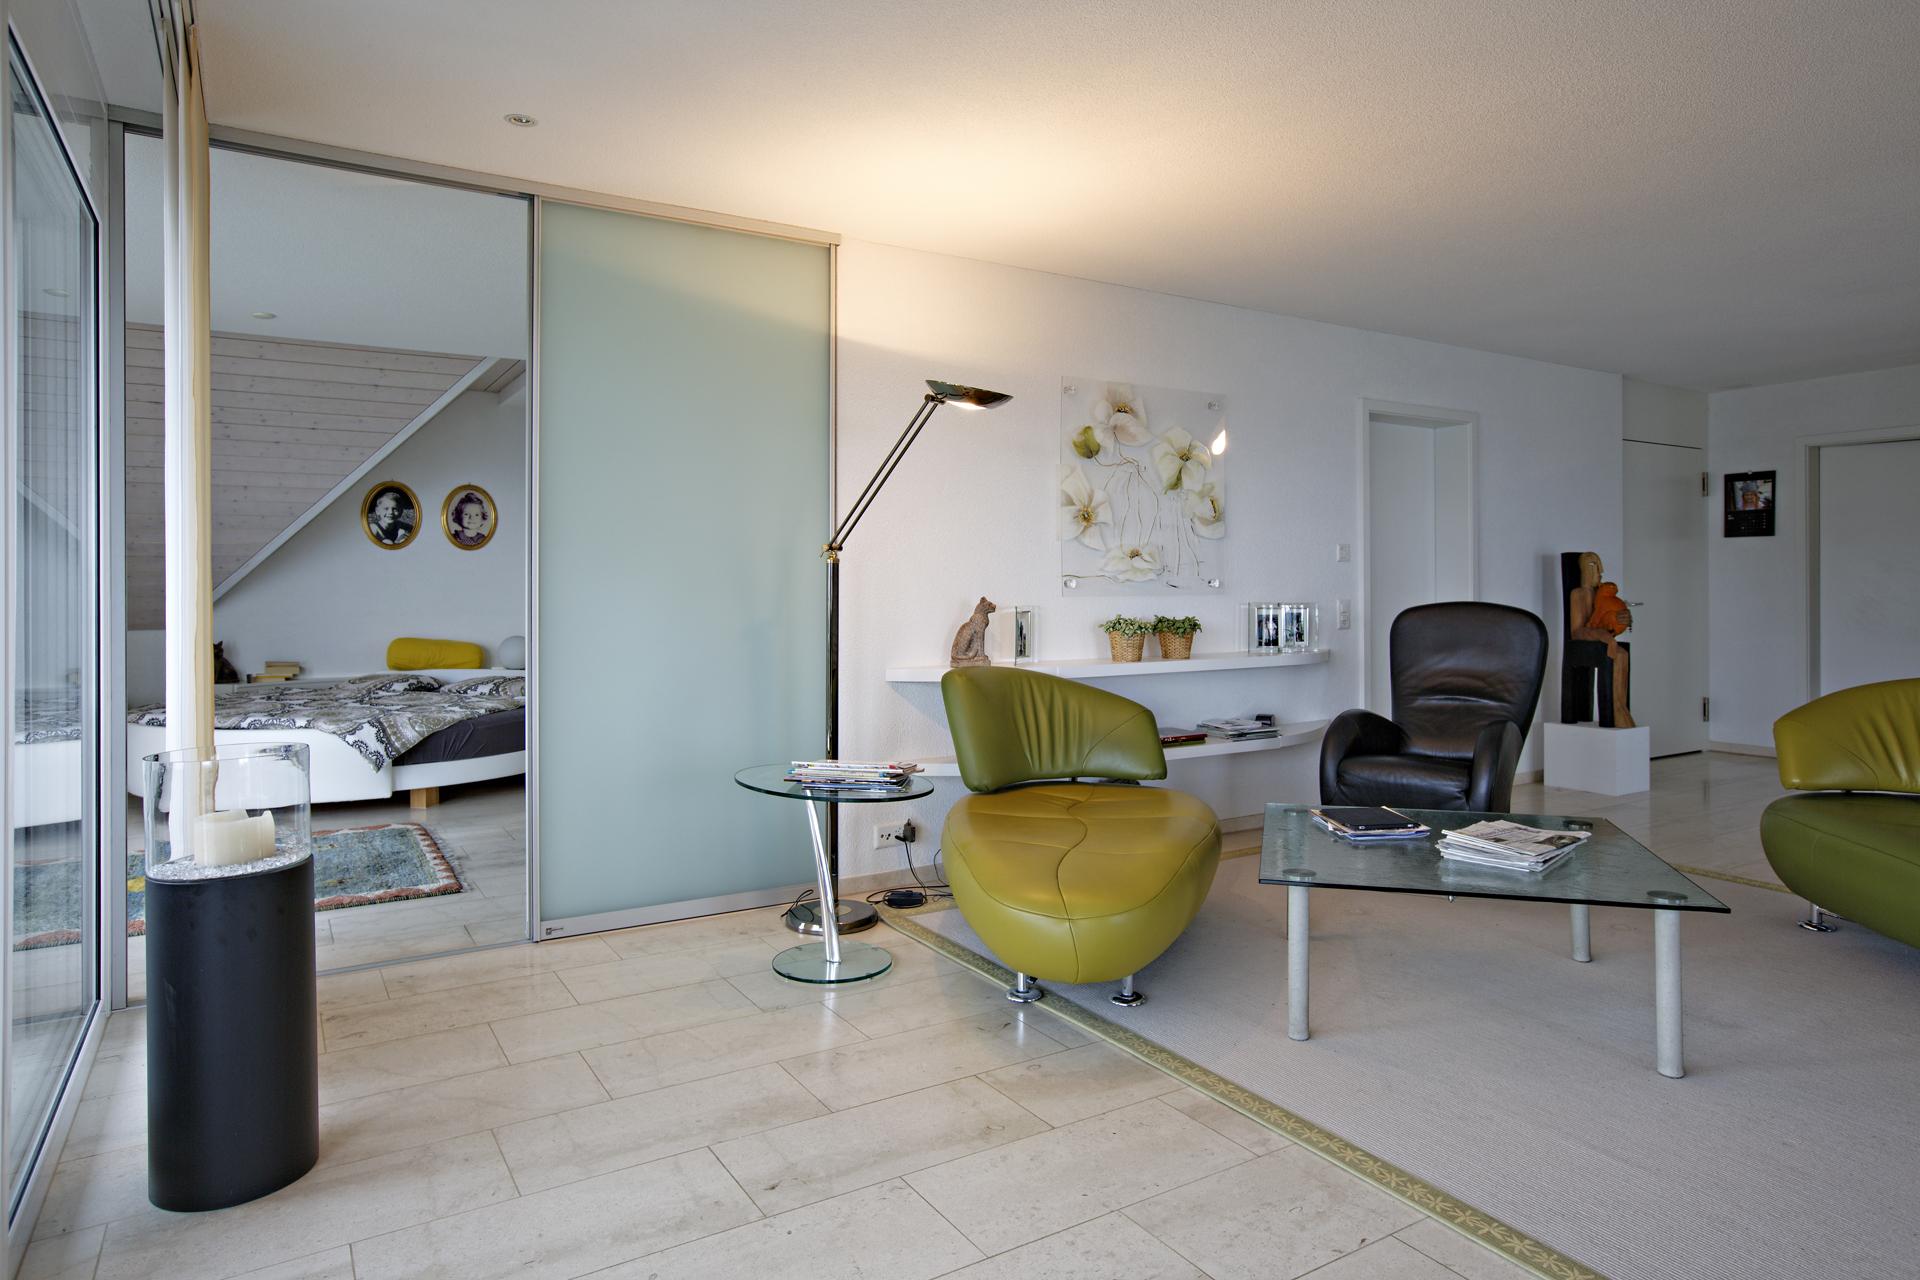 Raumteiler als Schiebetüren in Glas über die ganze Zimmerbreite | AUF&ZU